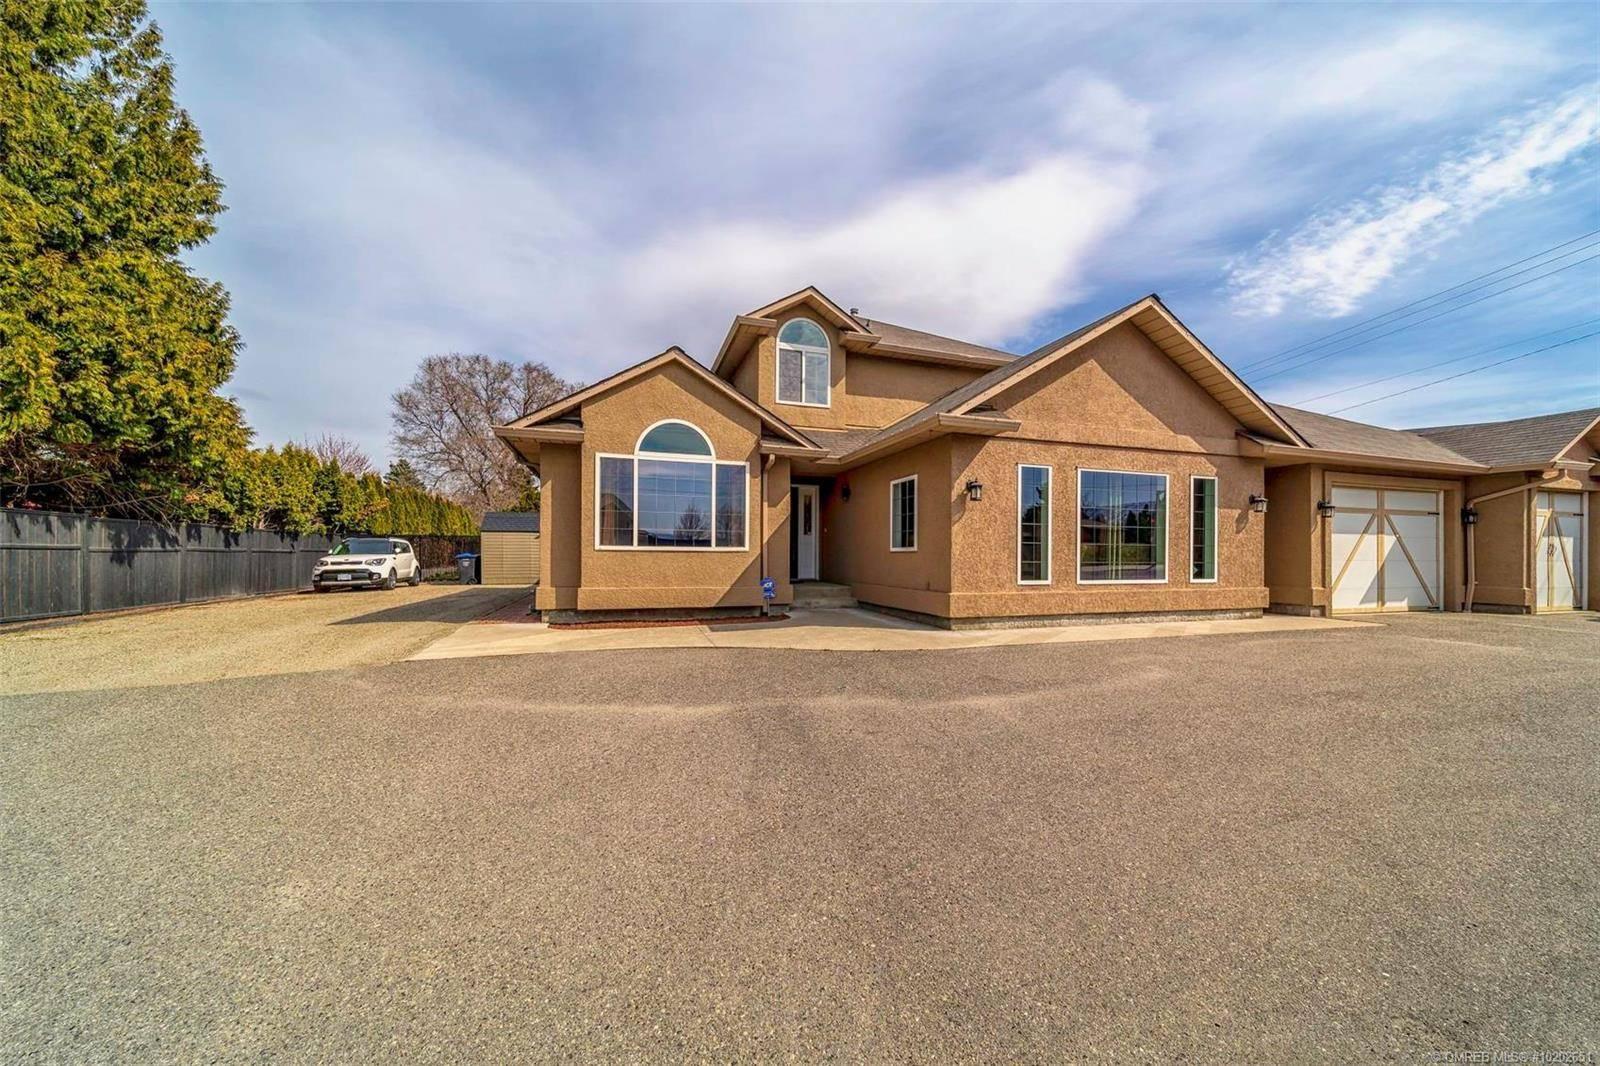 House for sale at 4399 Lakeshore Rd Kelowna British Columbia - MLS: 10202651